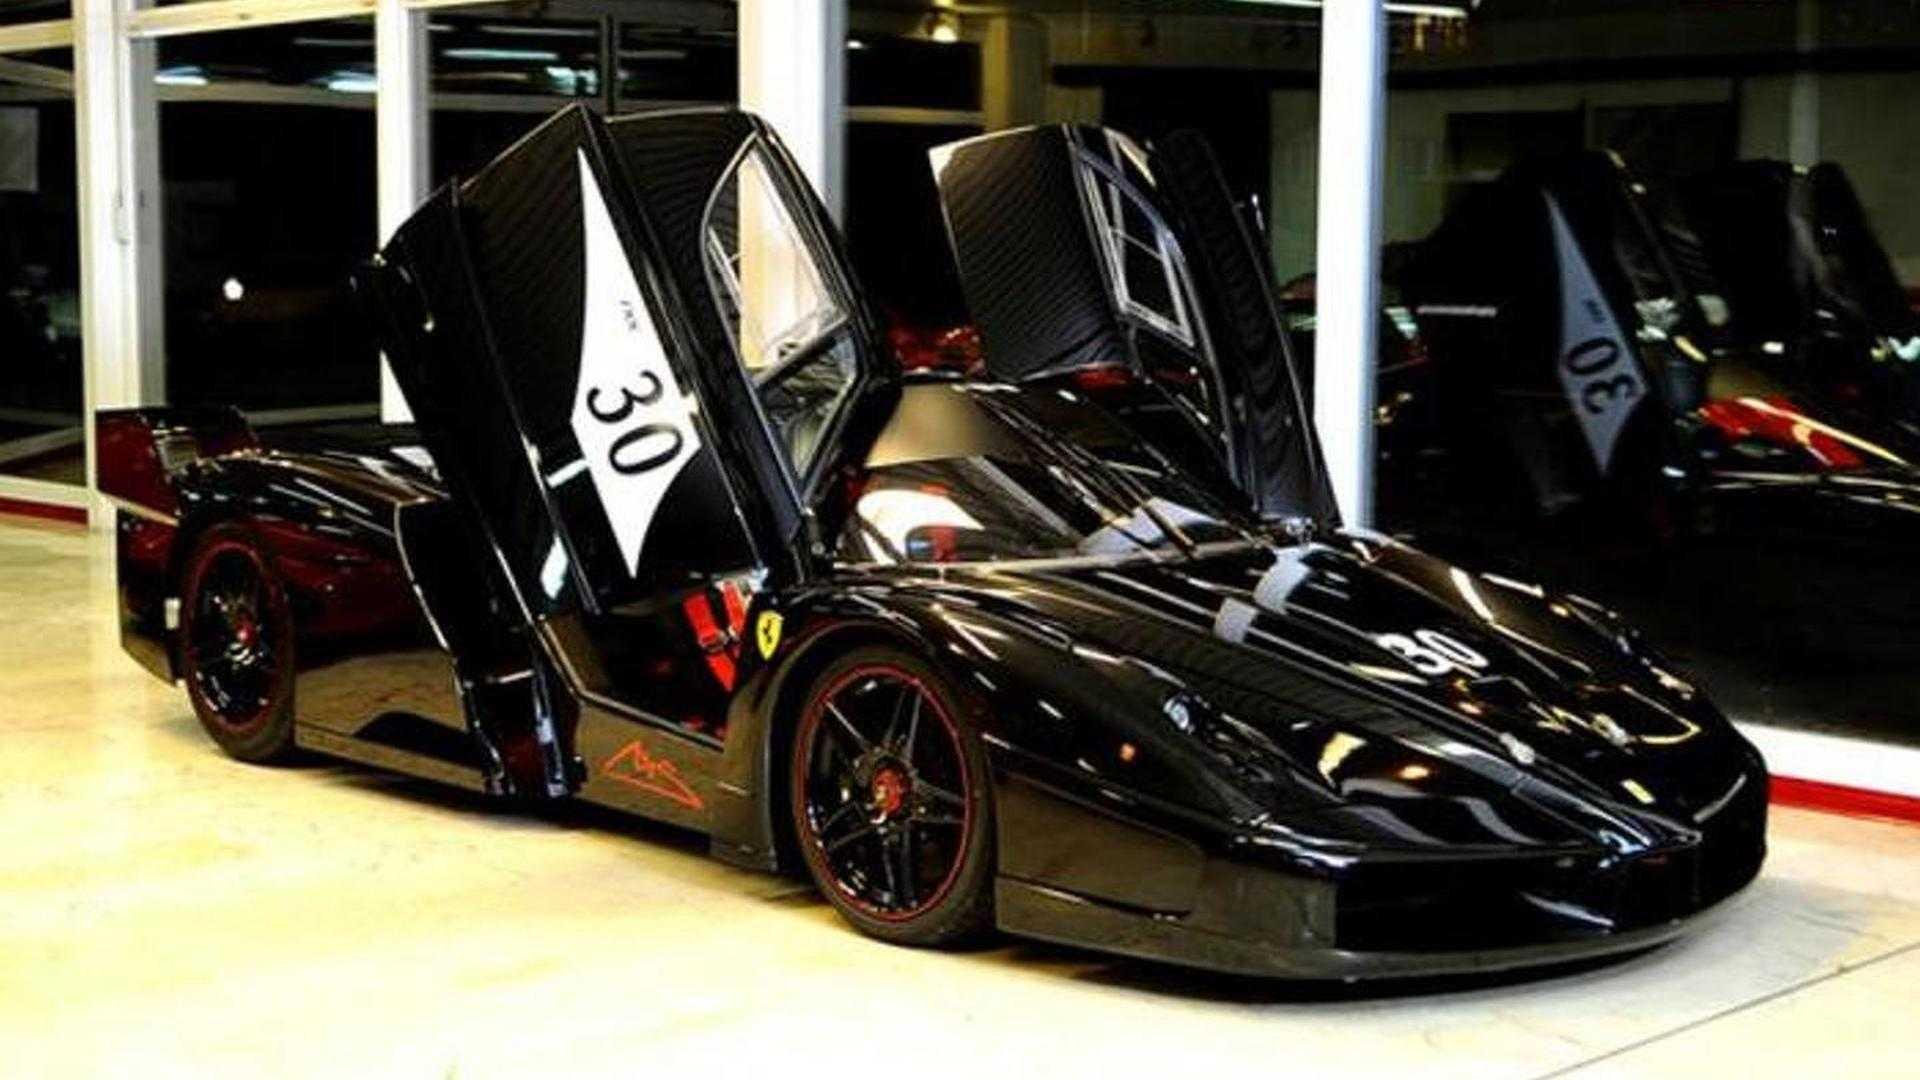 Michael Schumacher\u0027s garage sale Ferrari Enzo and FXX